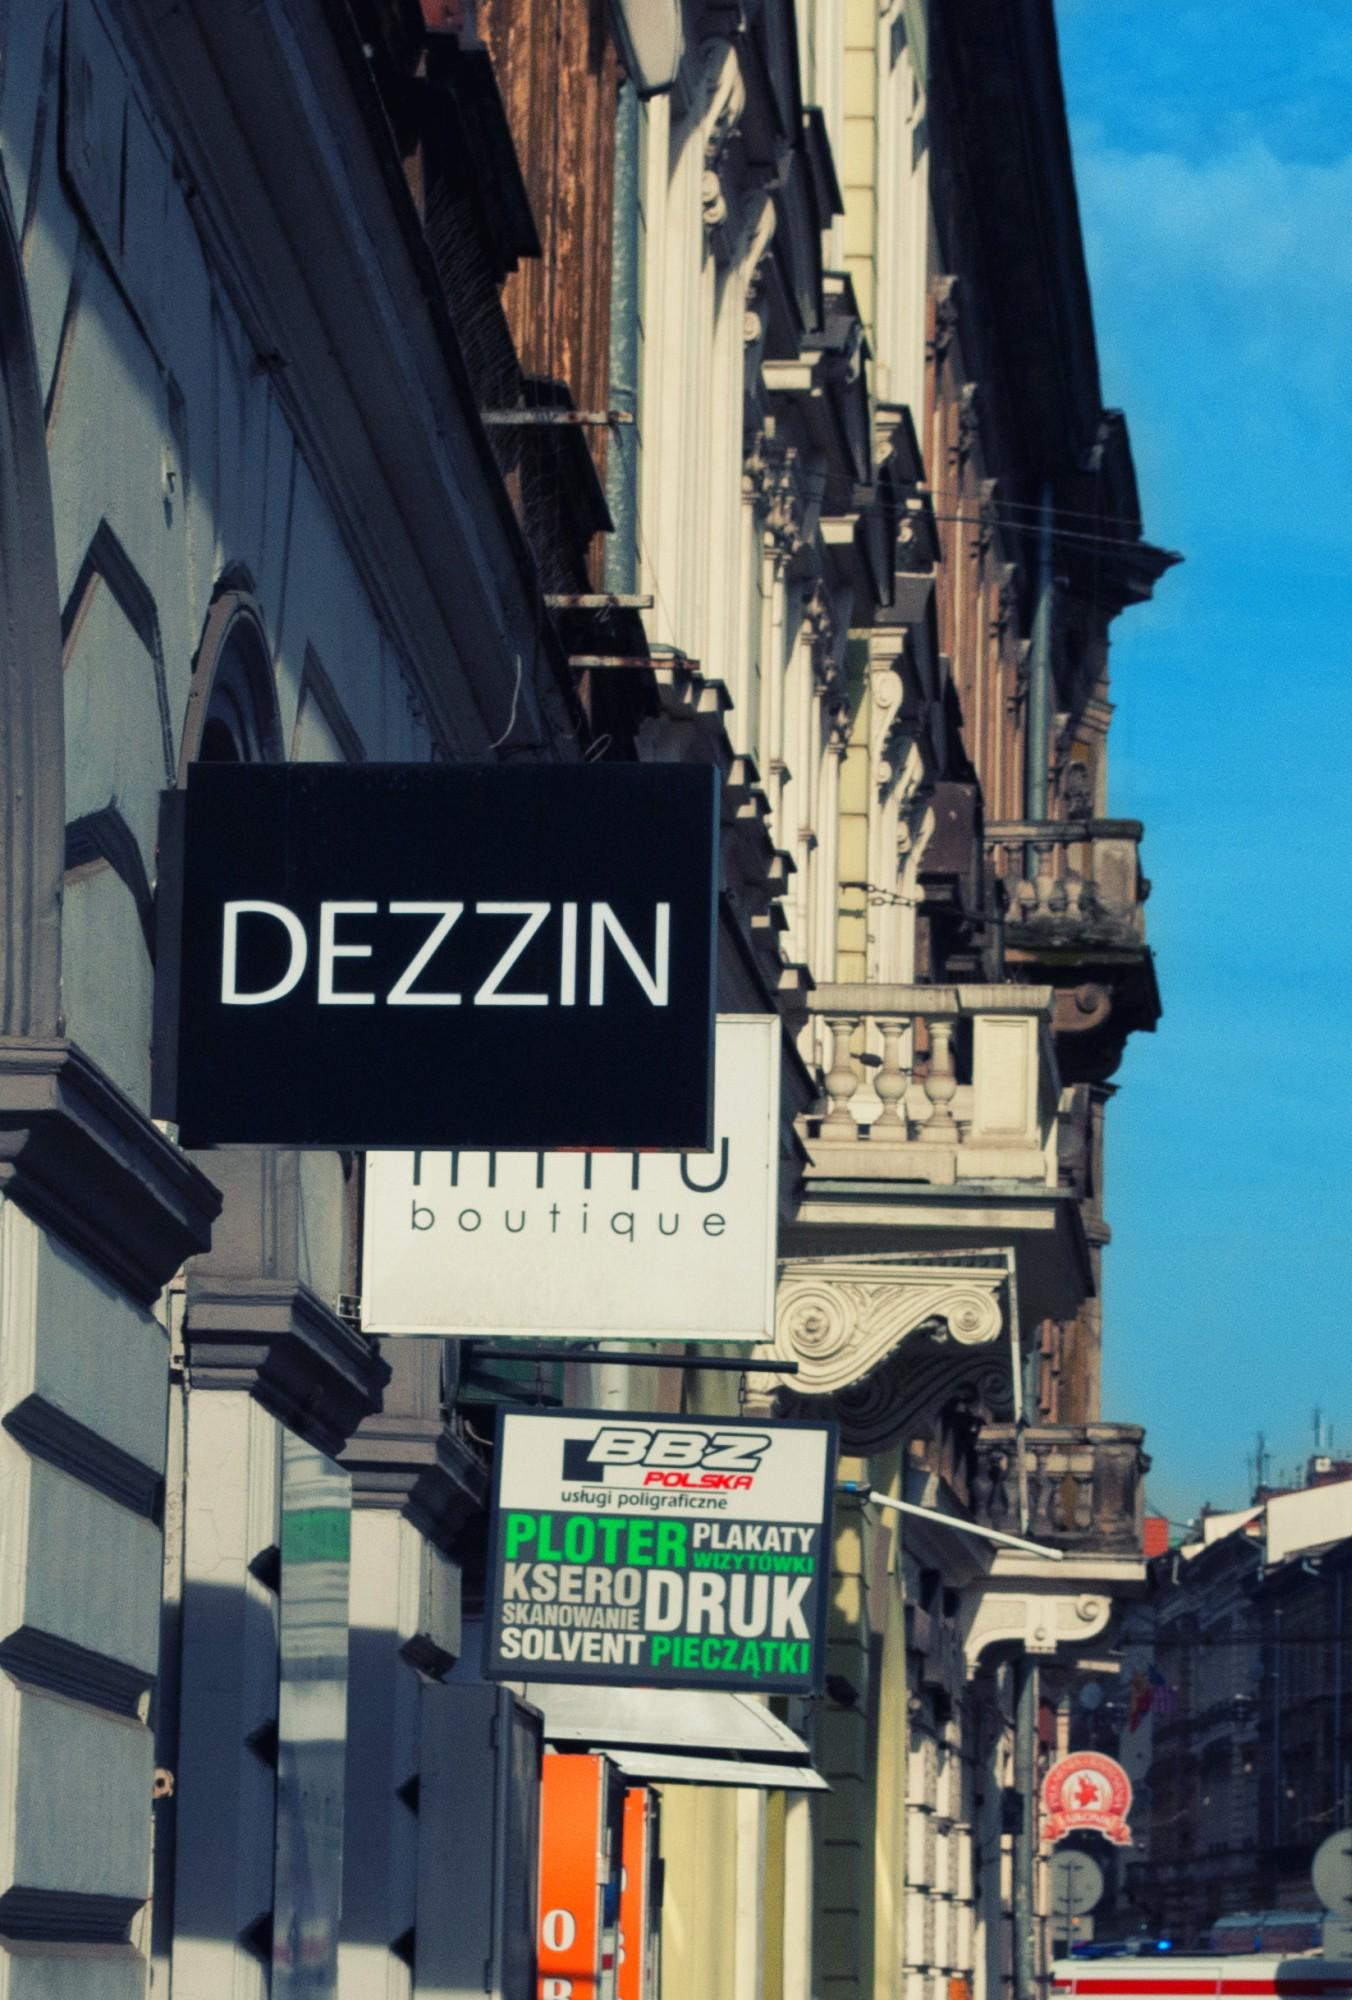 Dezzin_1